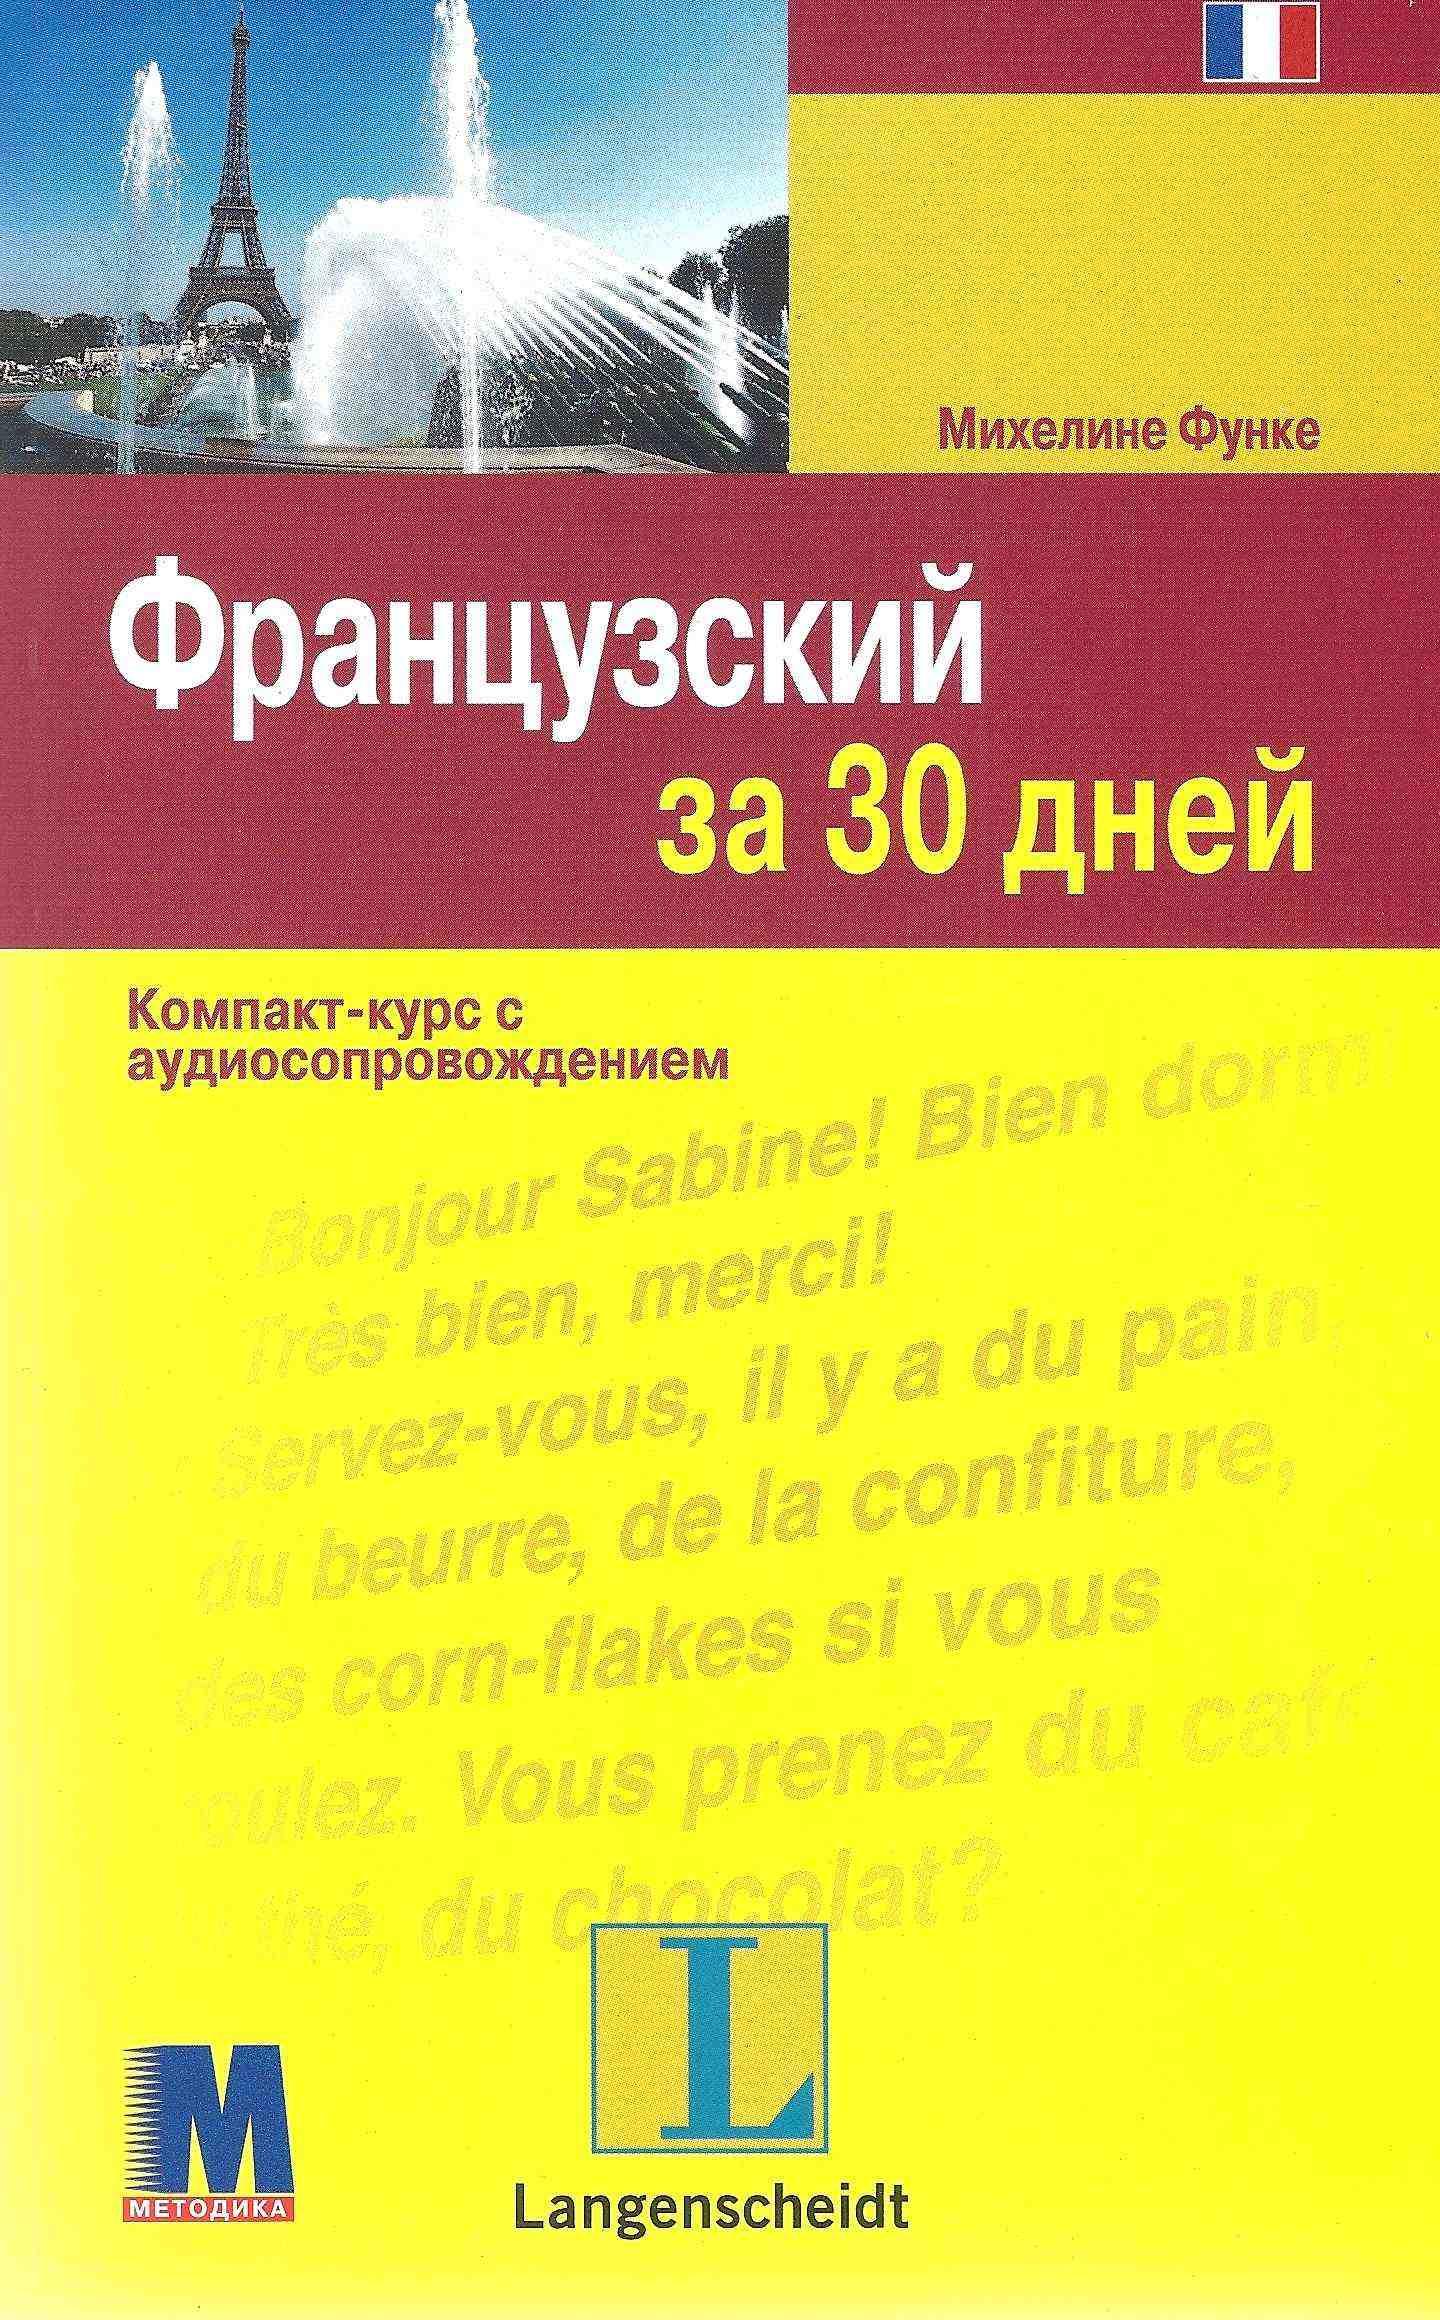 Французский за 30 дней Учебное пособие Михелине Функе Методика Паблишинг